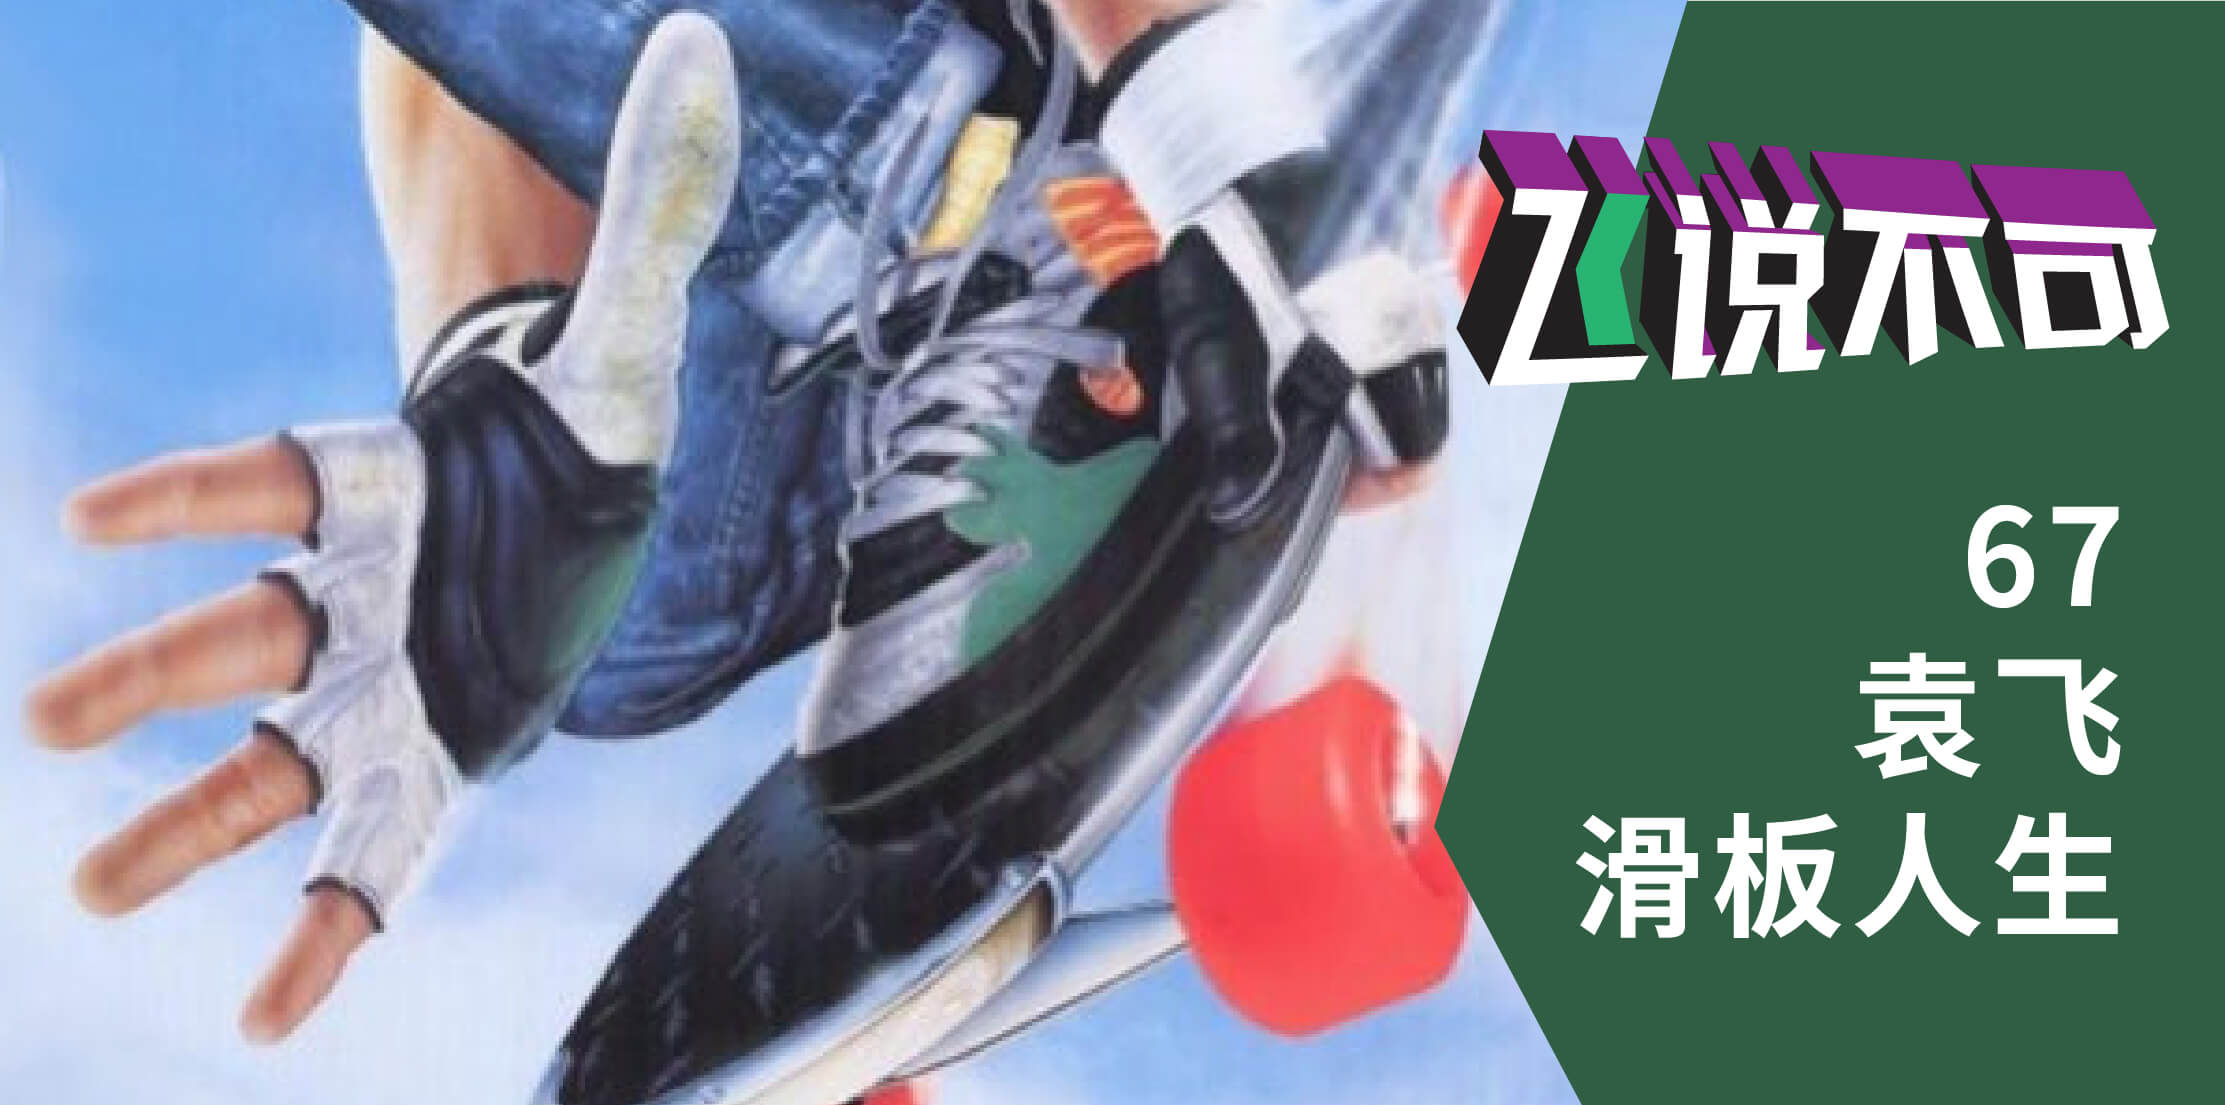 飞说不可67 – 袁飞的滑板人生,第一篇「命中注定」